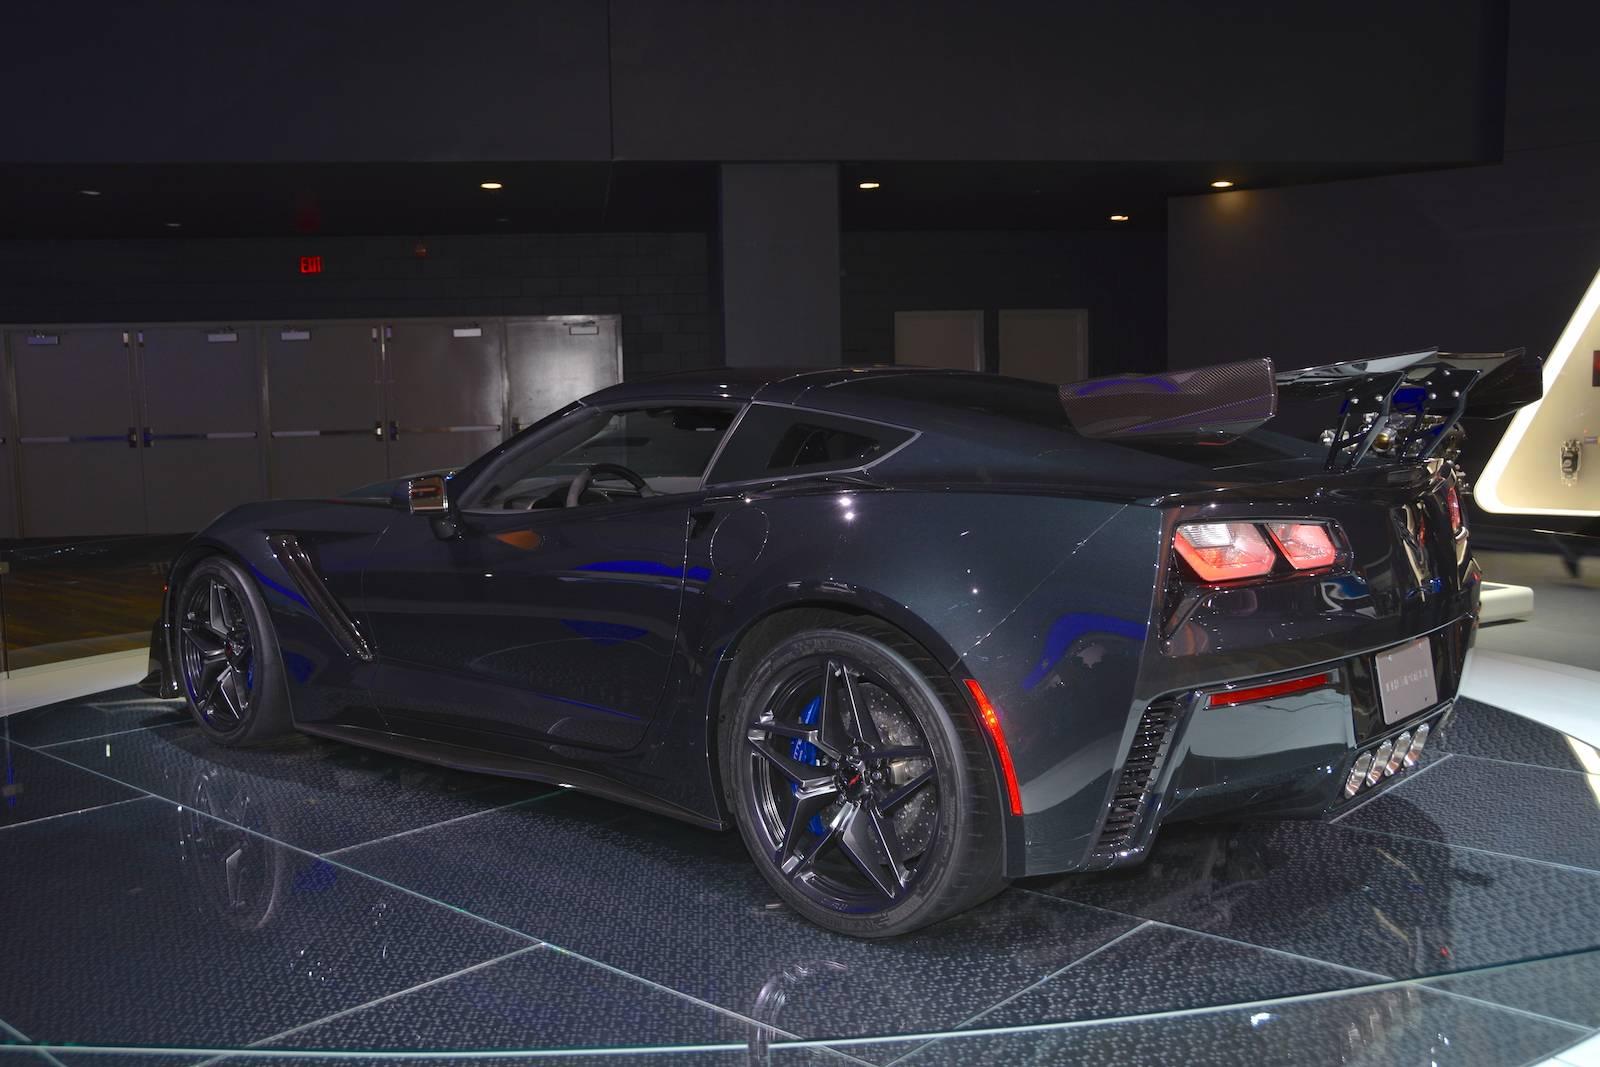 Kekurangan Corvette Zr1 2018 Perbandingan Harga